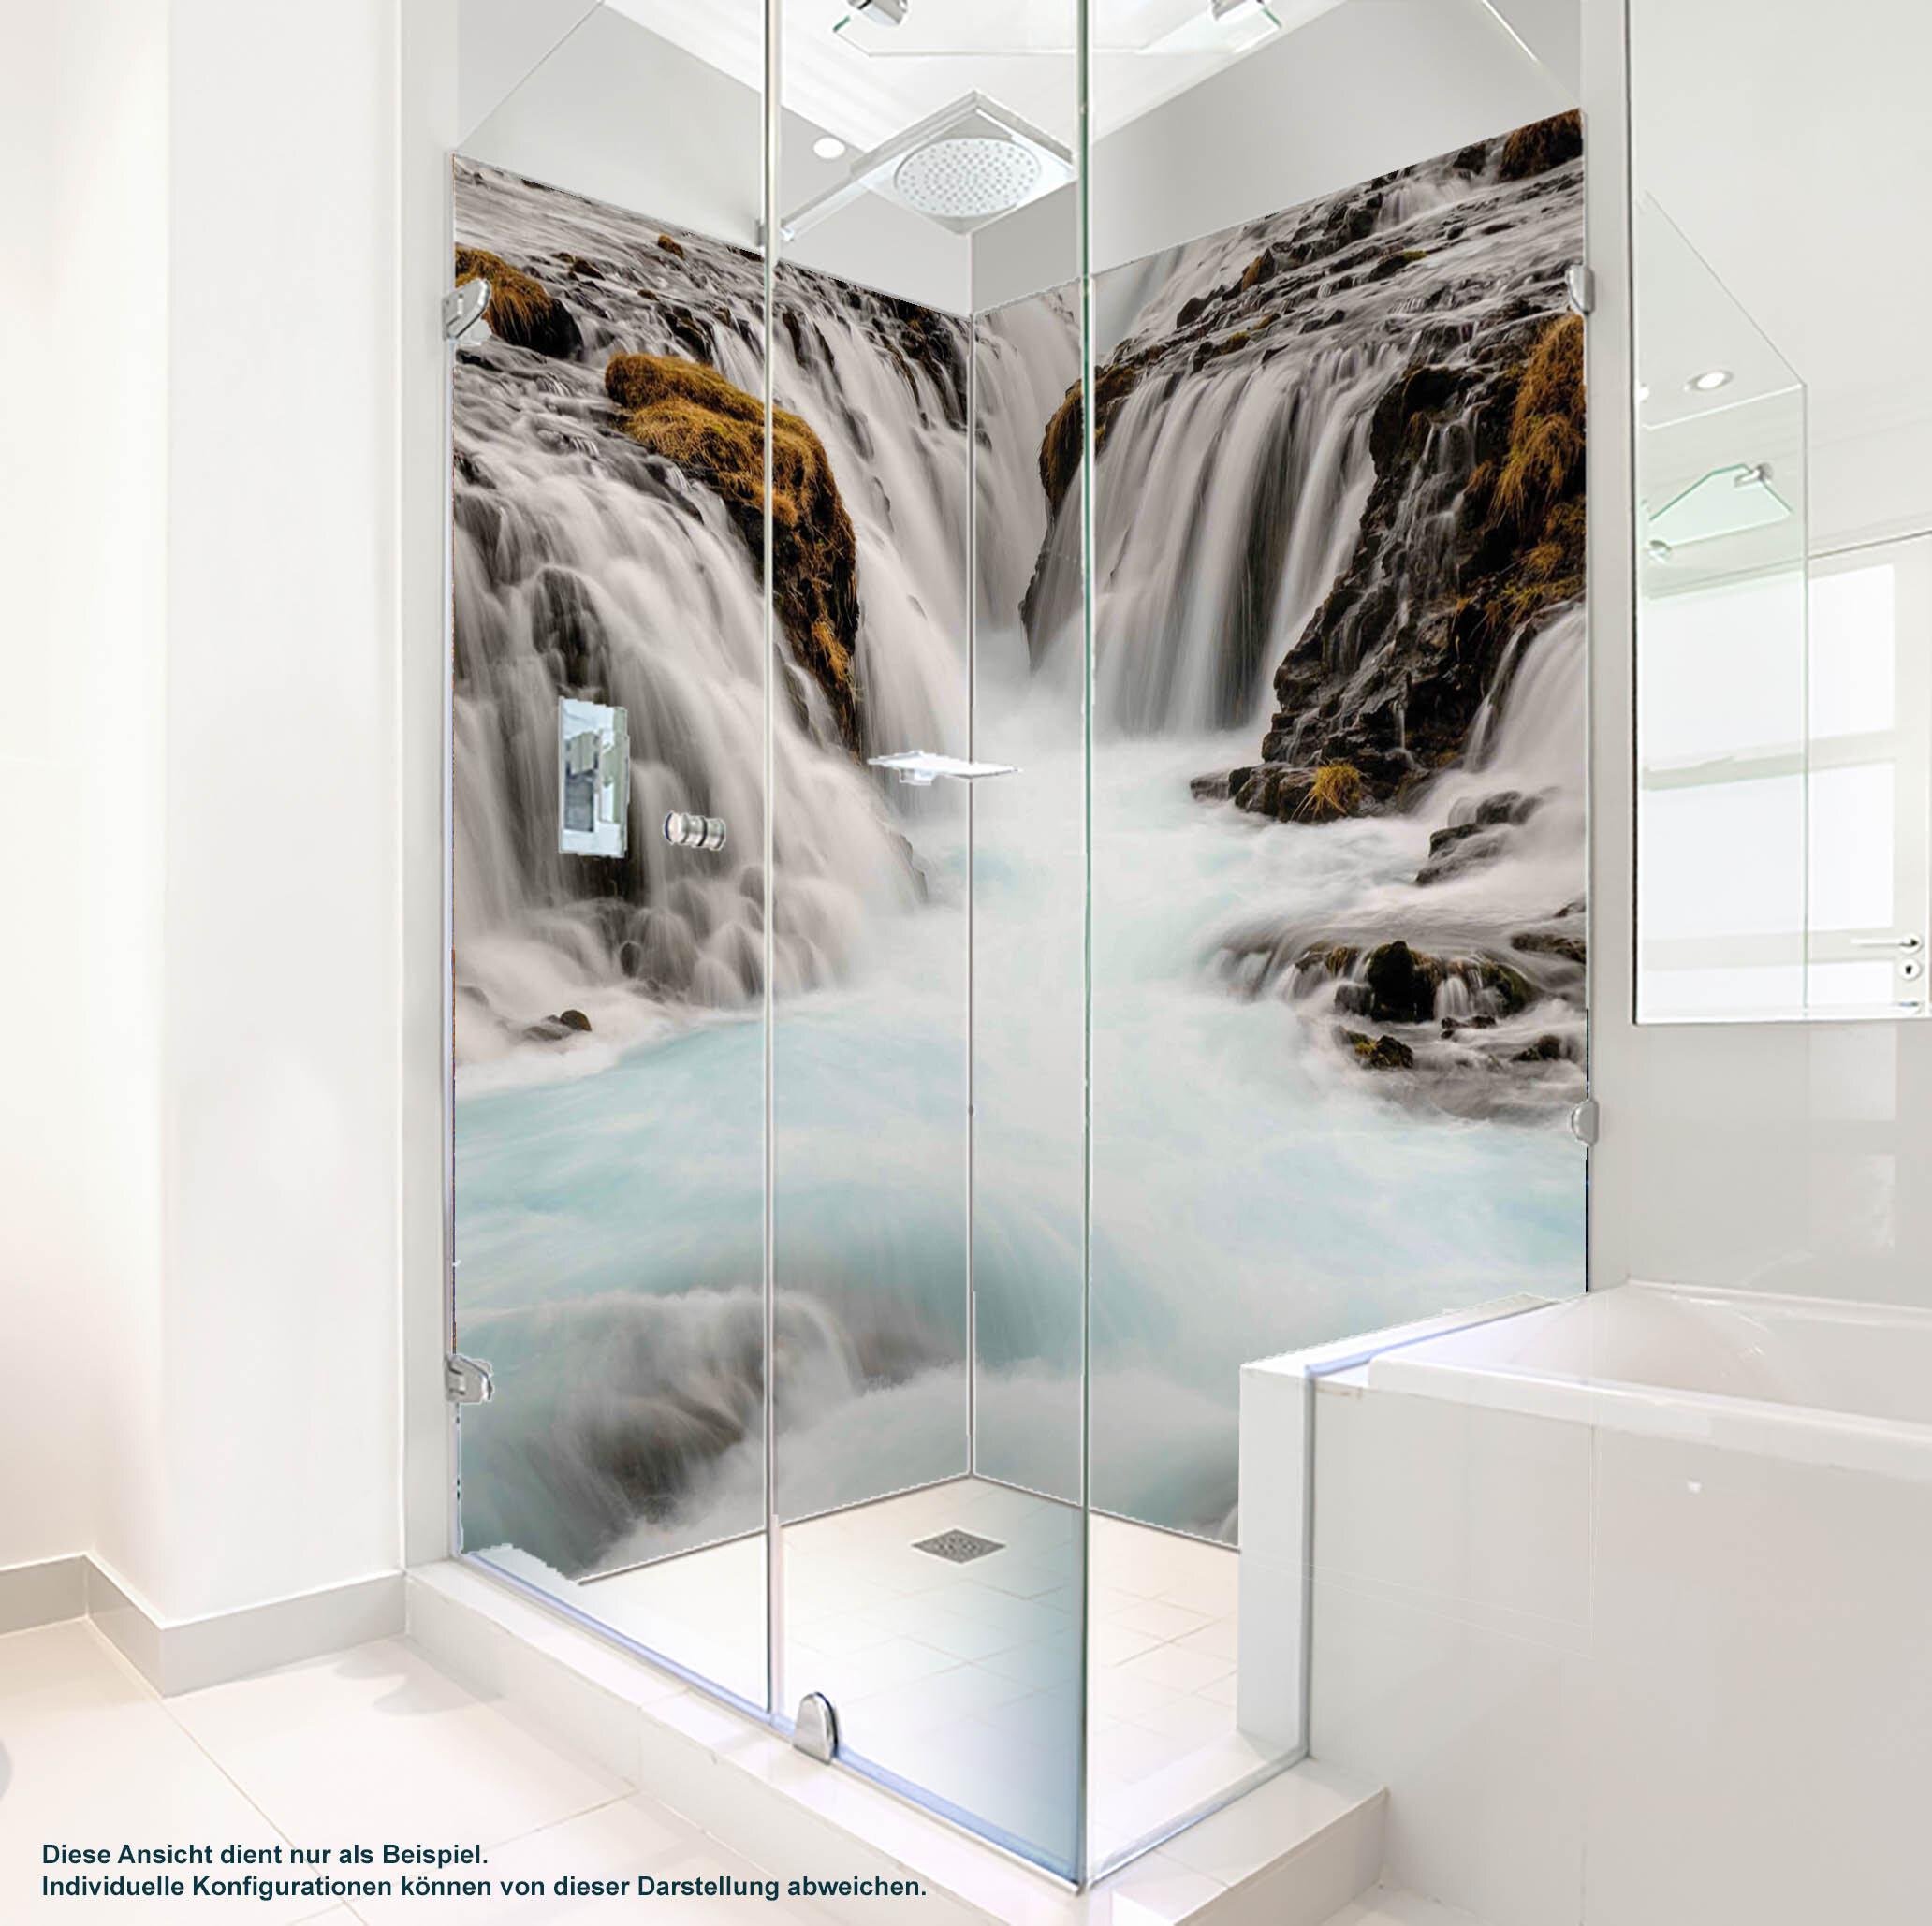 Dusche PlateART Duschrückwand mit Motiv Wasserfall WF_13_19